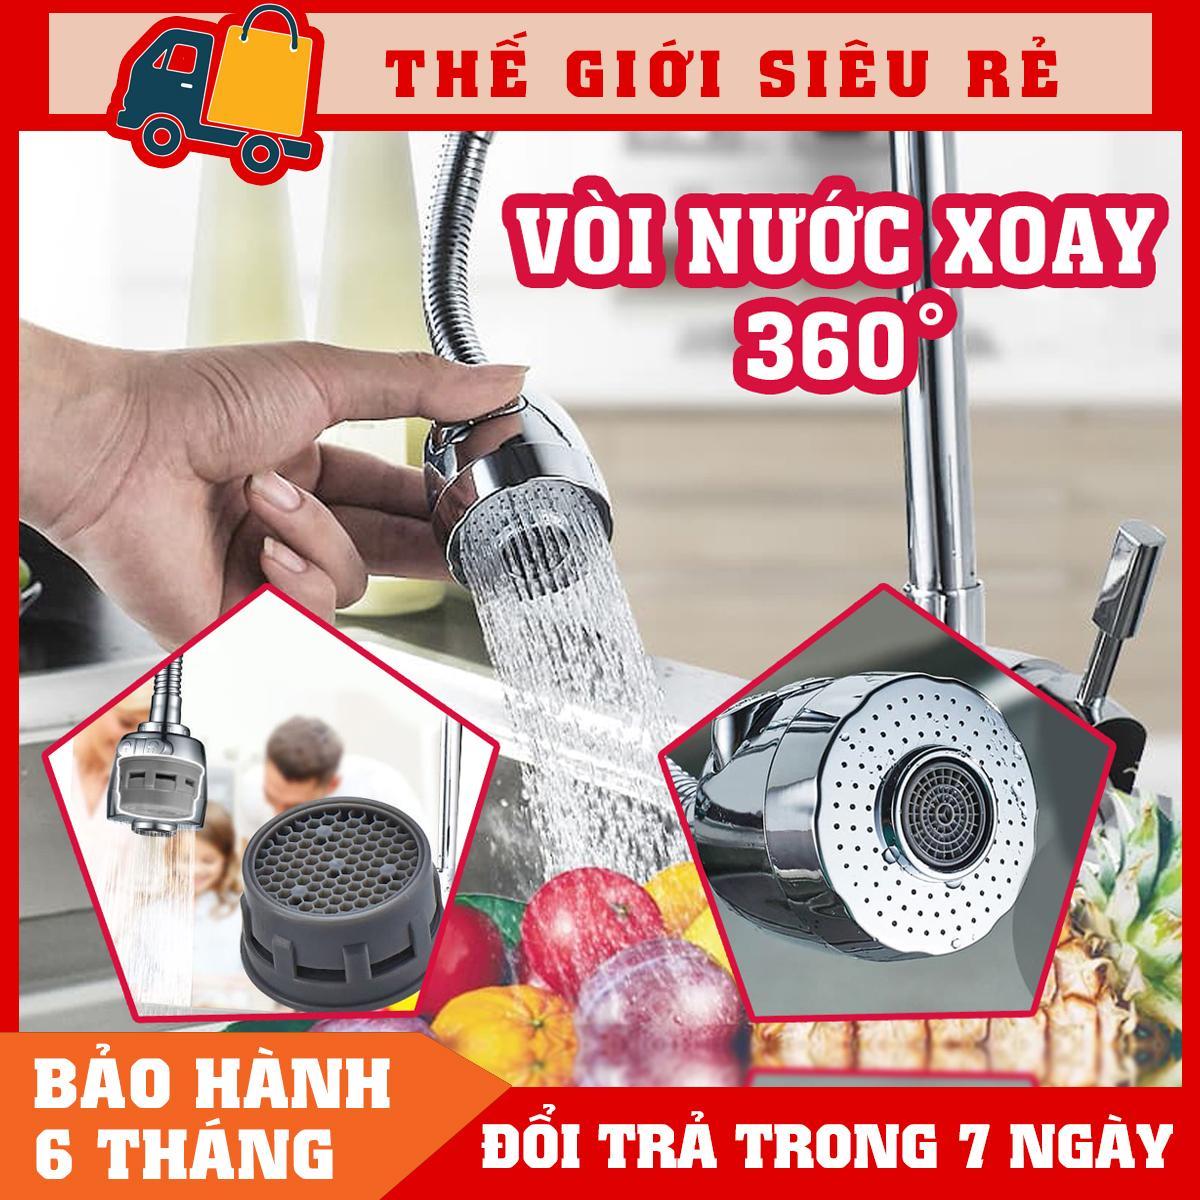 Giá Tiết Kiệm Để Sở Hữu Ngay VÒI NƯỚC INOX TĂNG ÁP CAO CẤP XOAY 360